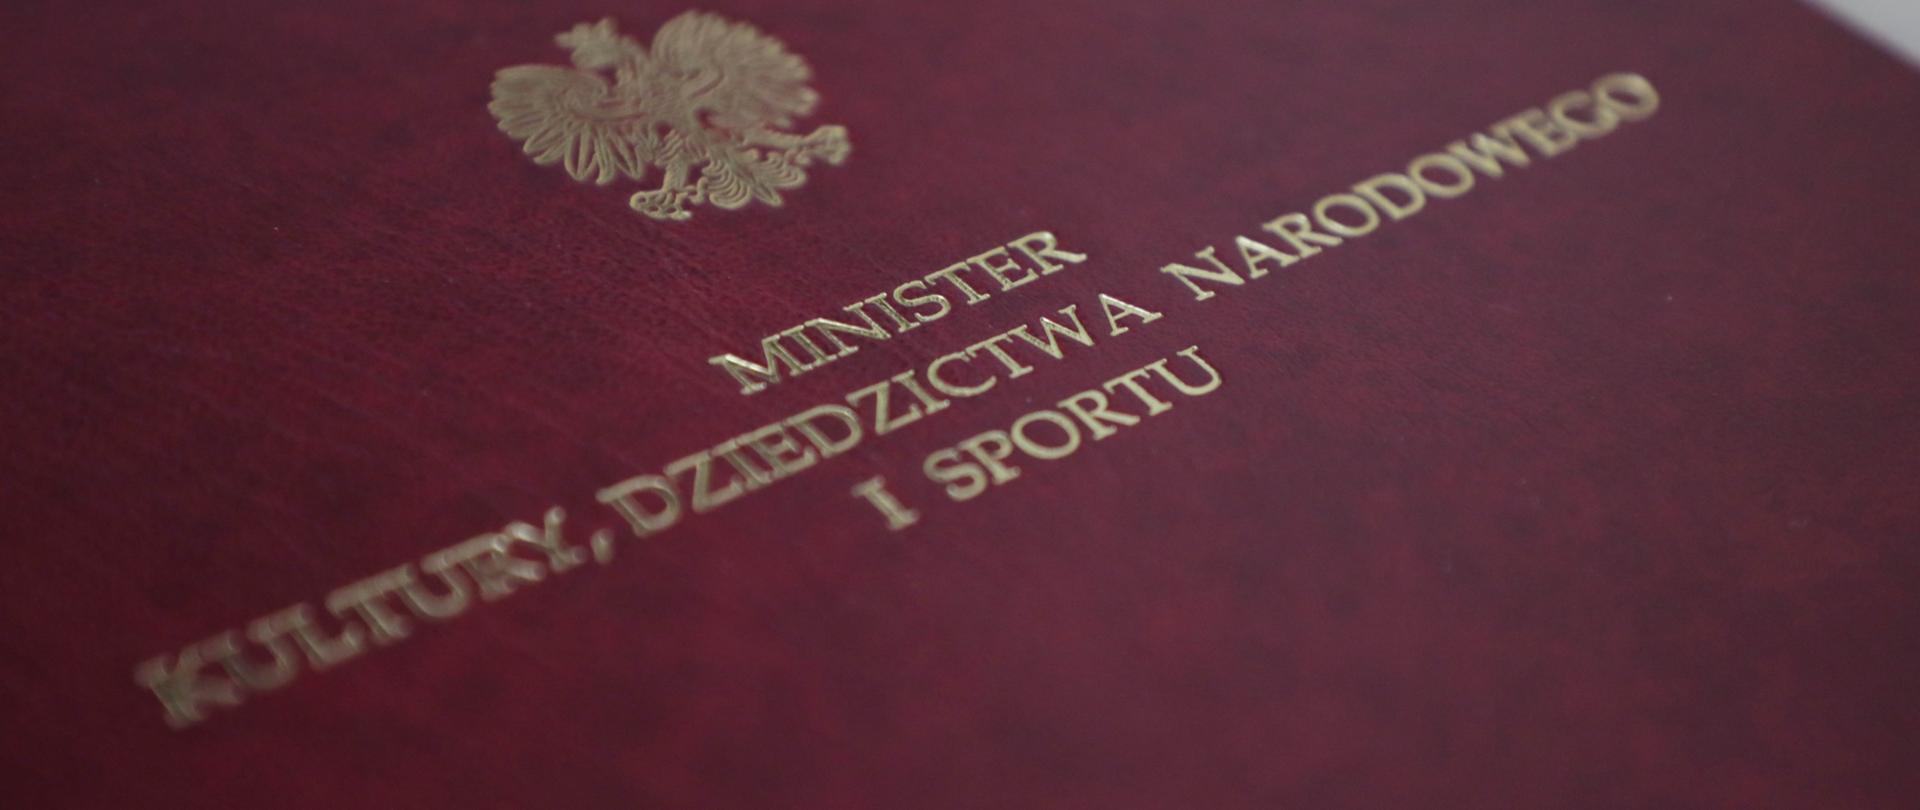 Bordowa teczka z Godłem RP i napisem Minister Kultury, Dziedzictwa Narodowego i Sportu, fot. Jan Jechna